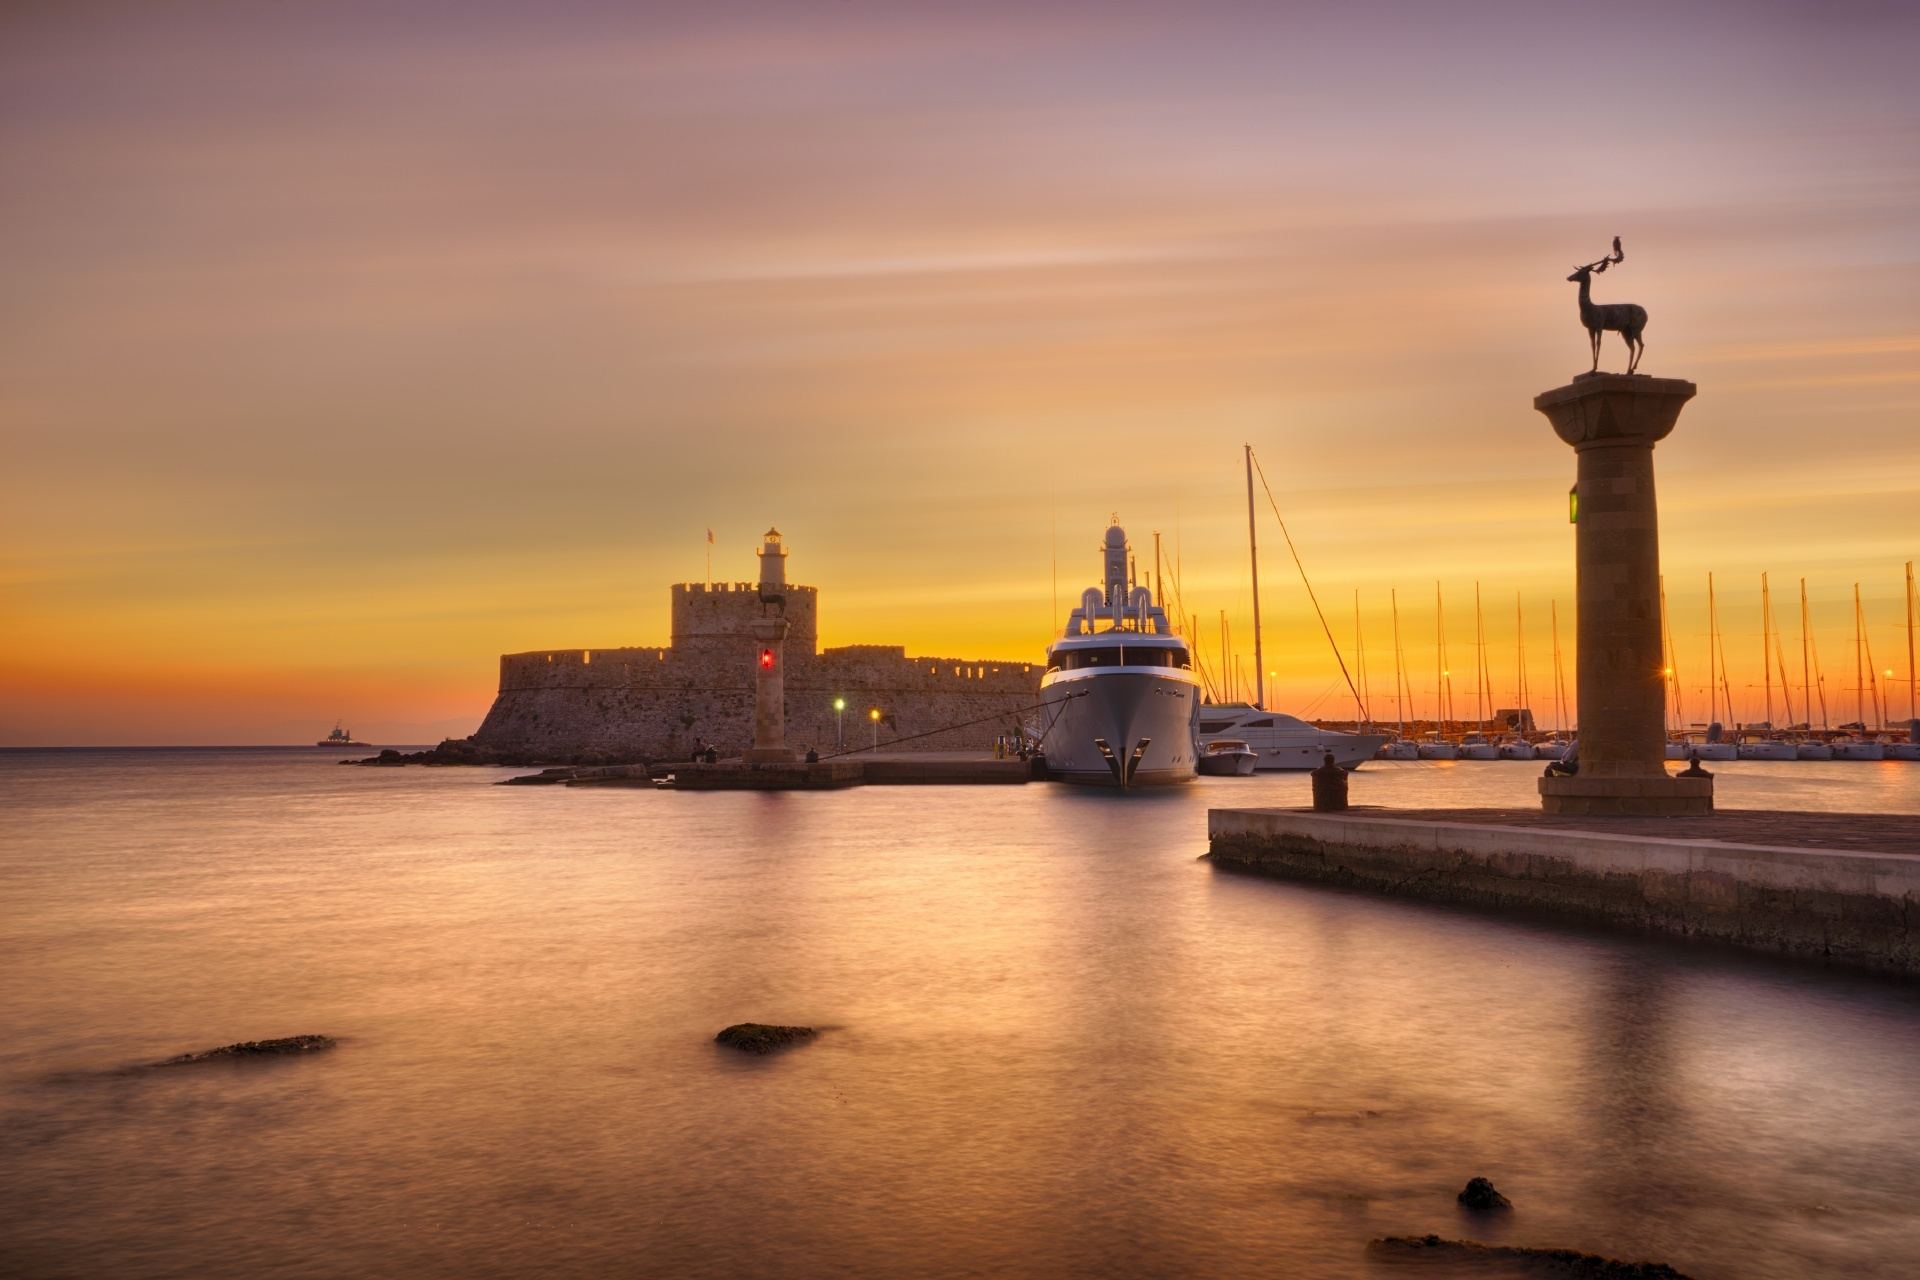 ロードス島 夕暮れのアイオス・ニコラオス要塞と灯台 ギリシャの風景